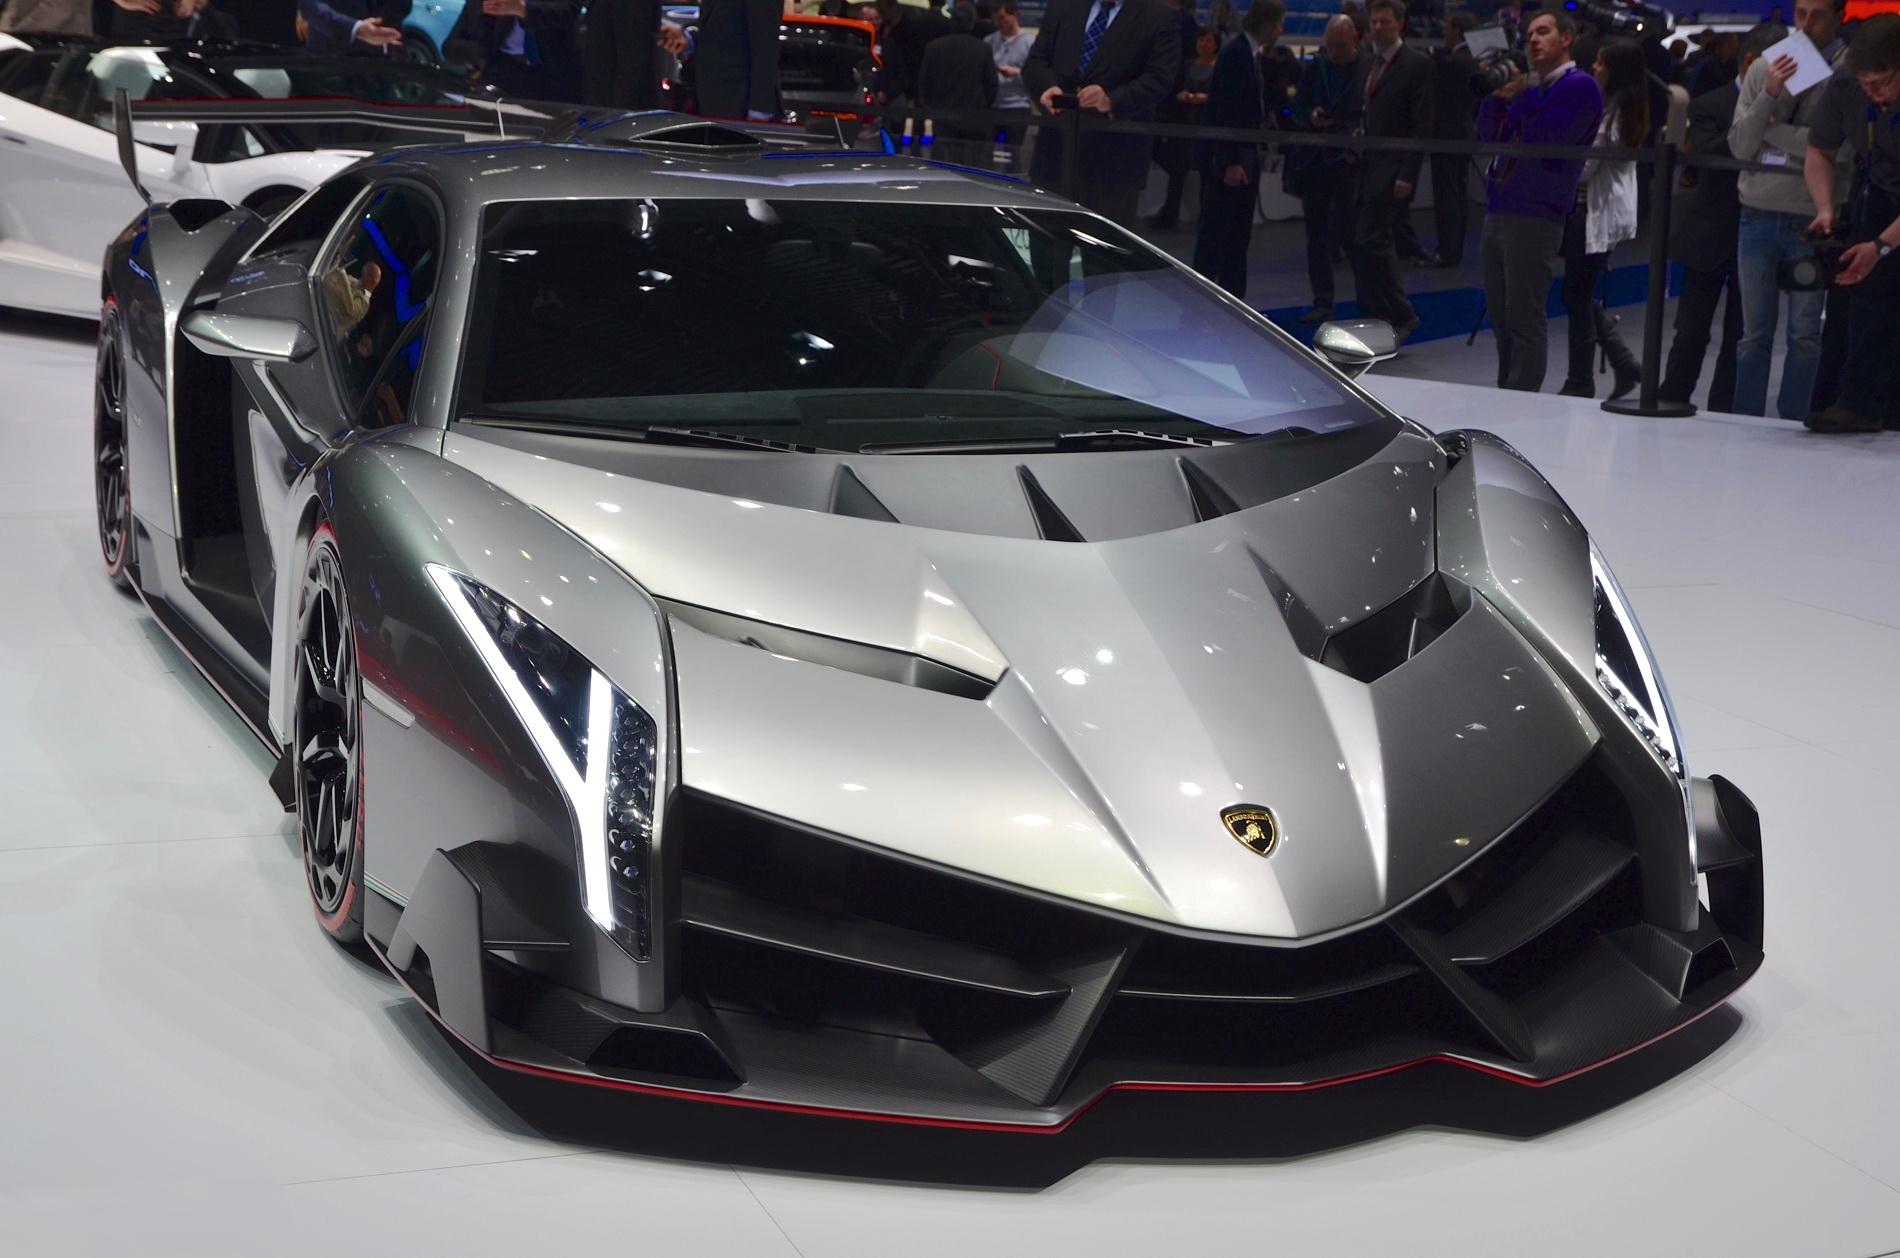 Hd Wallpaper Download Of Super Cars Hd Lamborghini Veneno Wallpapers Pixelstalk Net